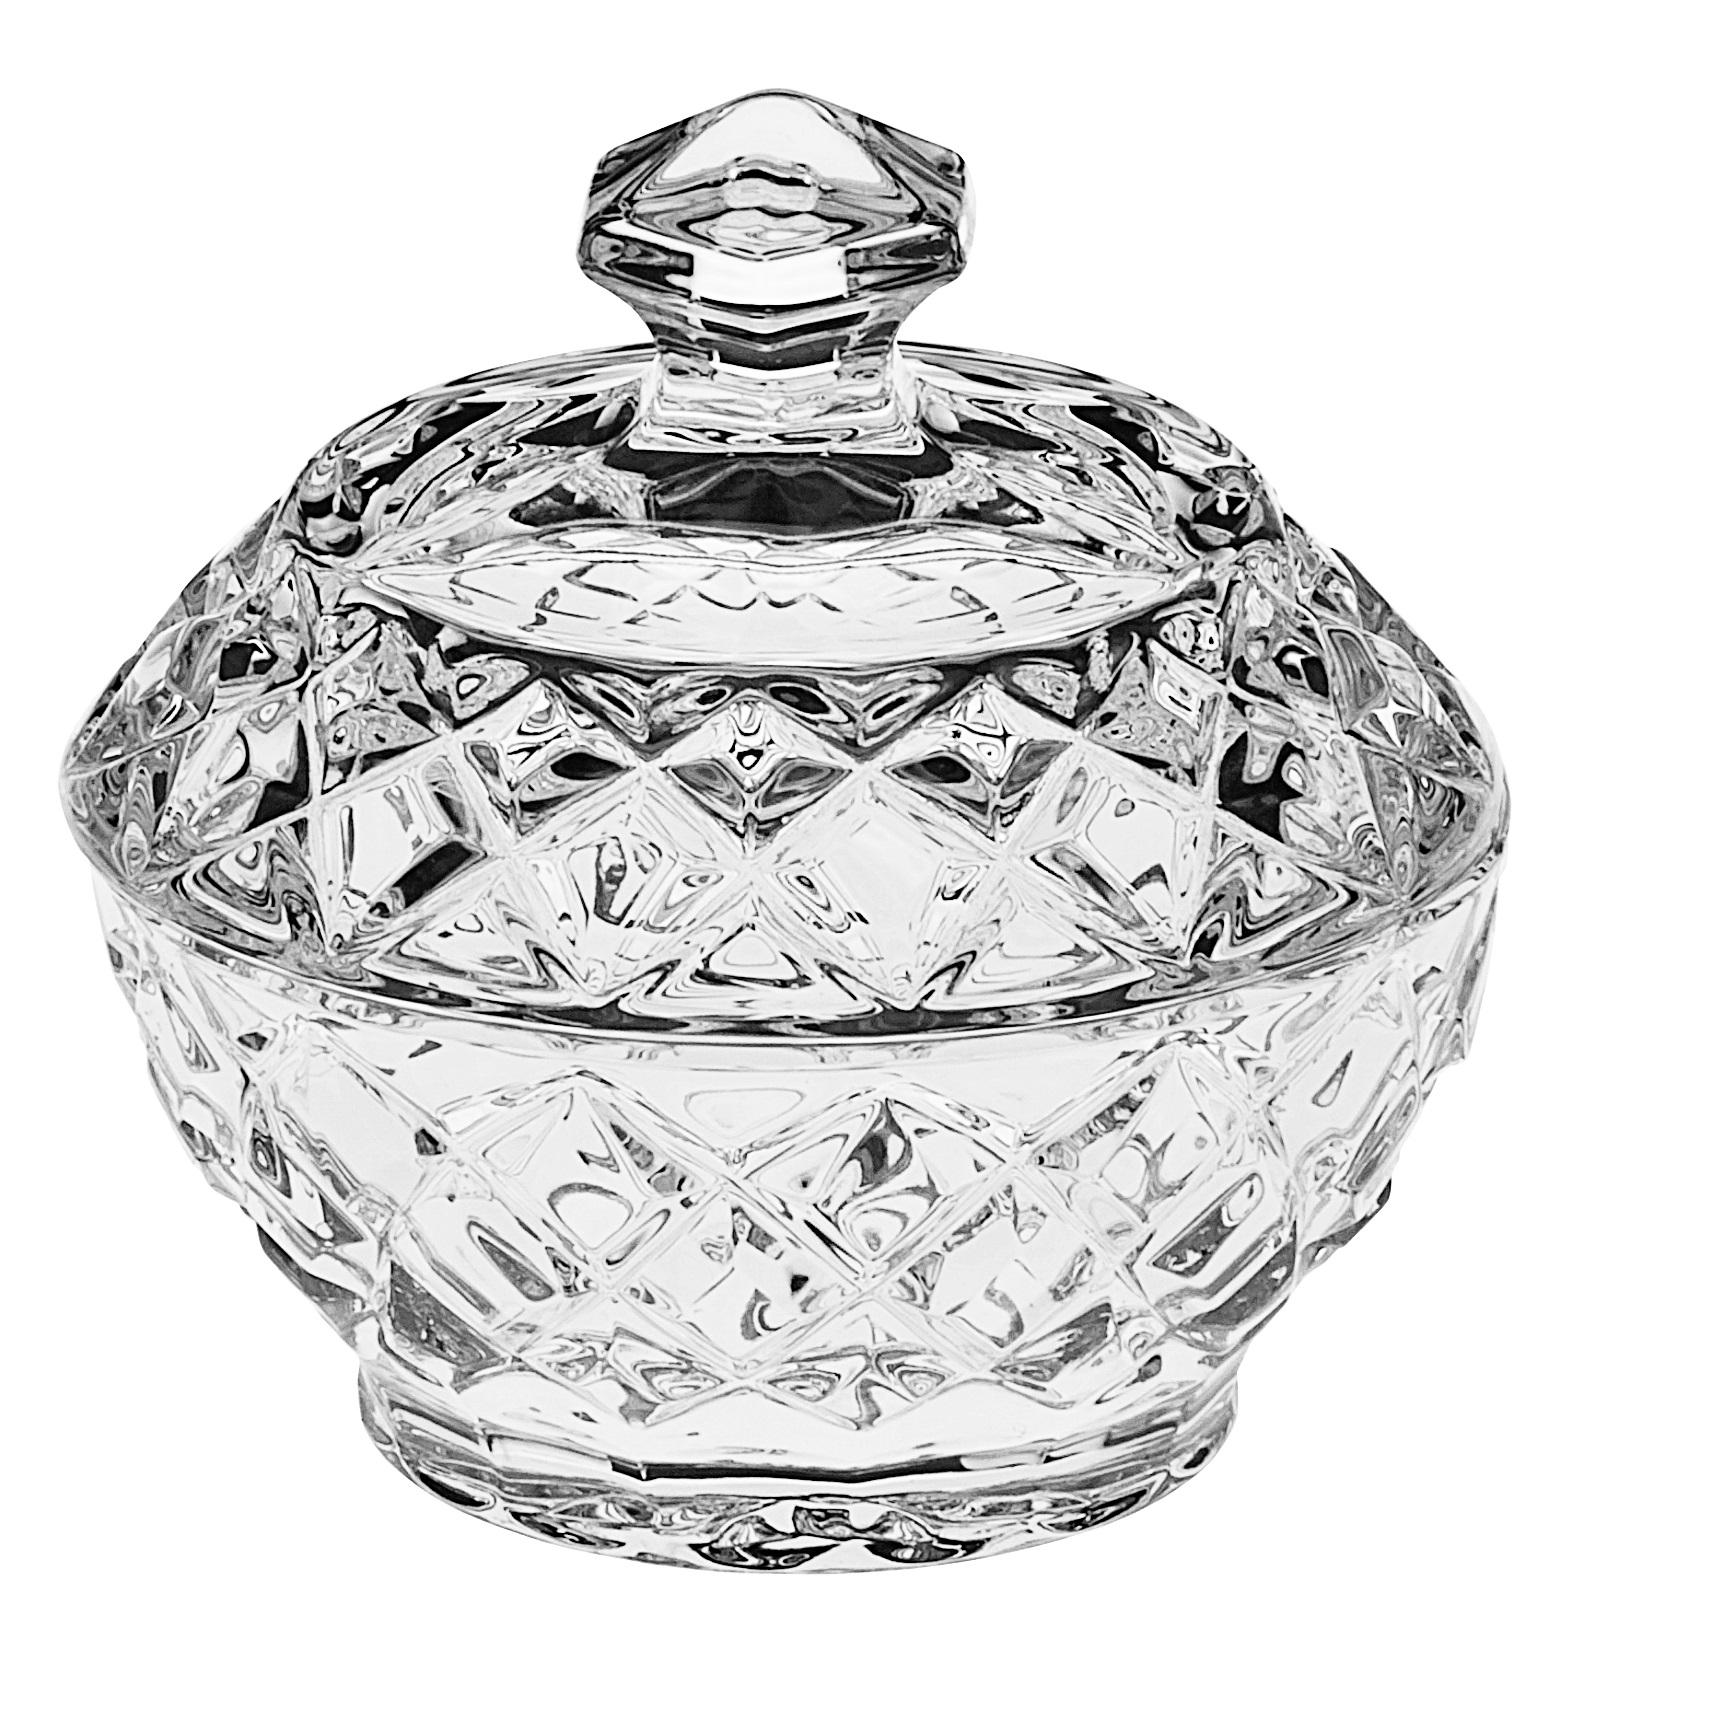 Доза для сахара Diamond, 9,6 см, ХрустальИкорница DIAMOND от CRYSTAL BOHEMIA создана специально для украшения стола и получения эстетического удовольствия. Она предназначена для хранения икры, но также в нее можно положить, например, сахар. Необычный дизайн и отличное качество выгодно отличают эту икорницу от всех остальных.<br>